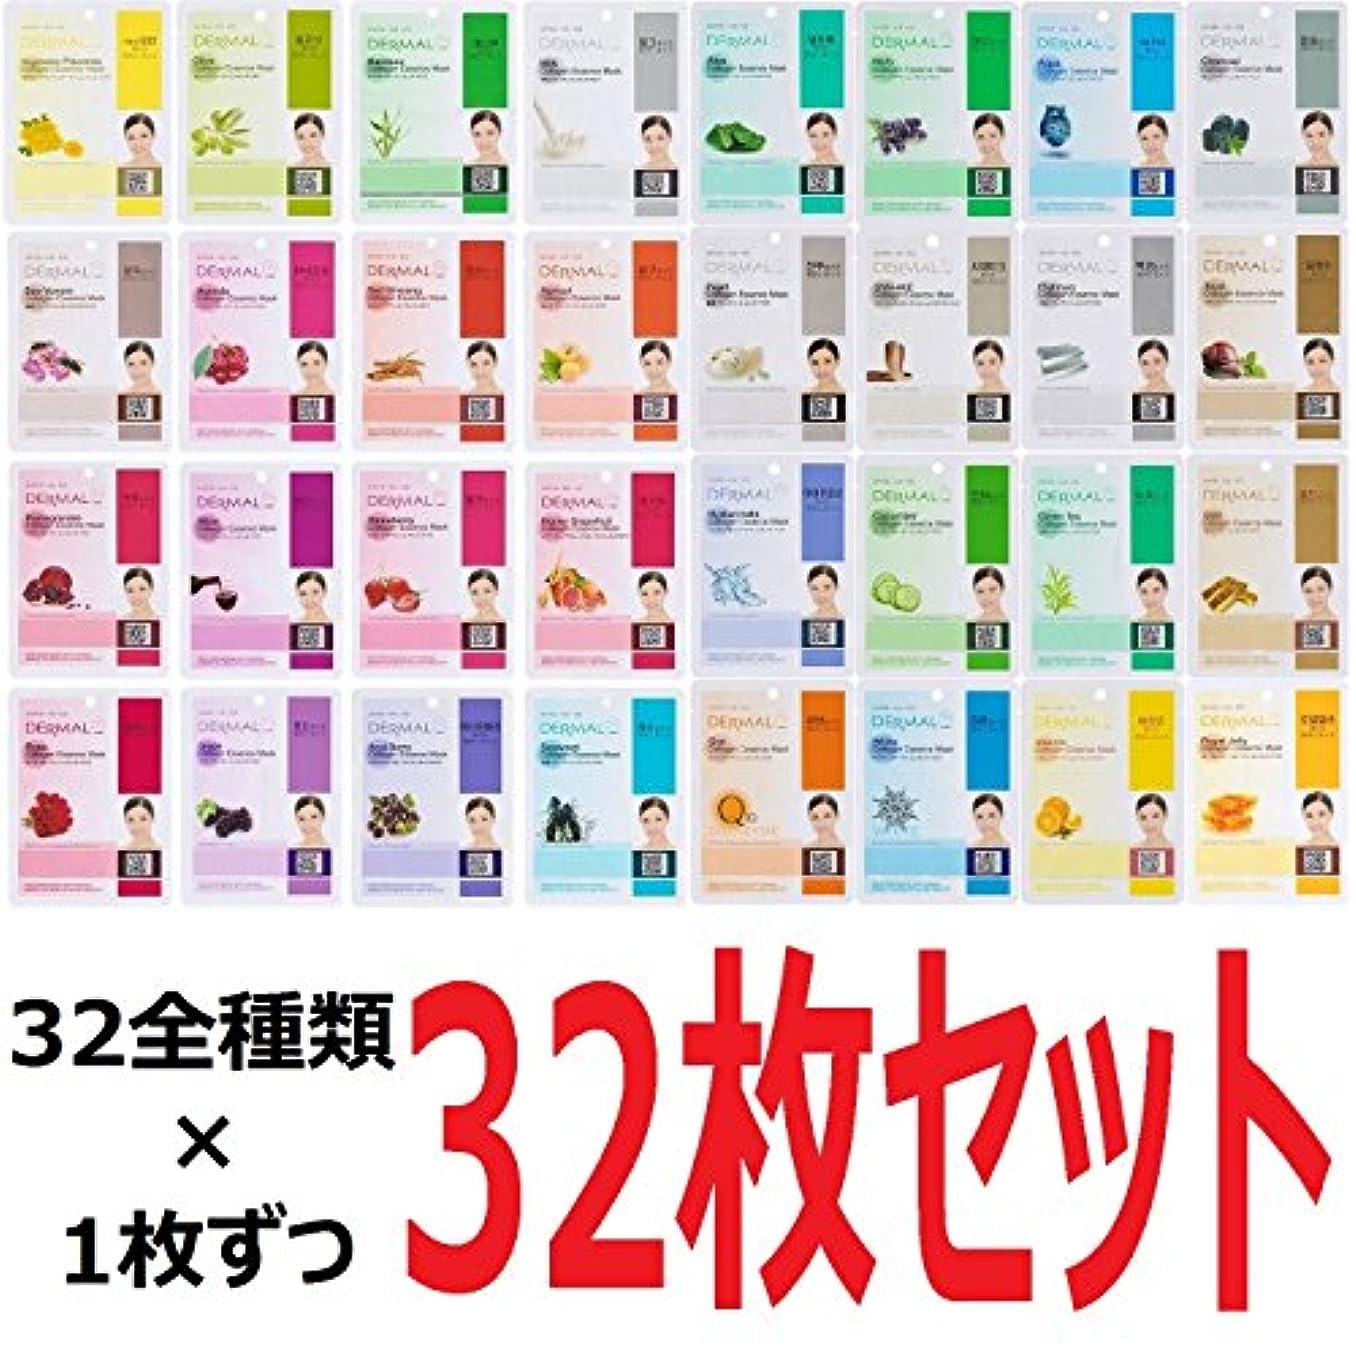 卑しい反響する真実にDERMAL(ダーマル) エッセンスマスク 32枚セット(32種全種類)/Essence Mask 32pcs [並行輸入品]